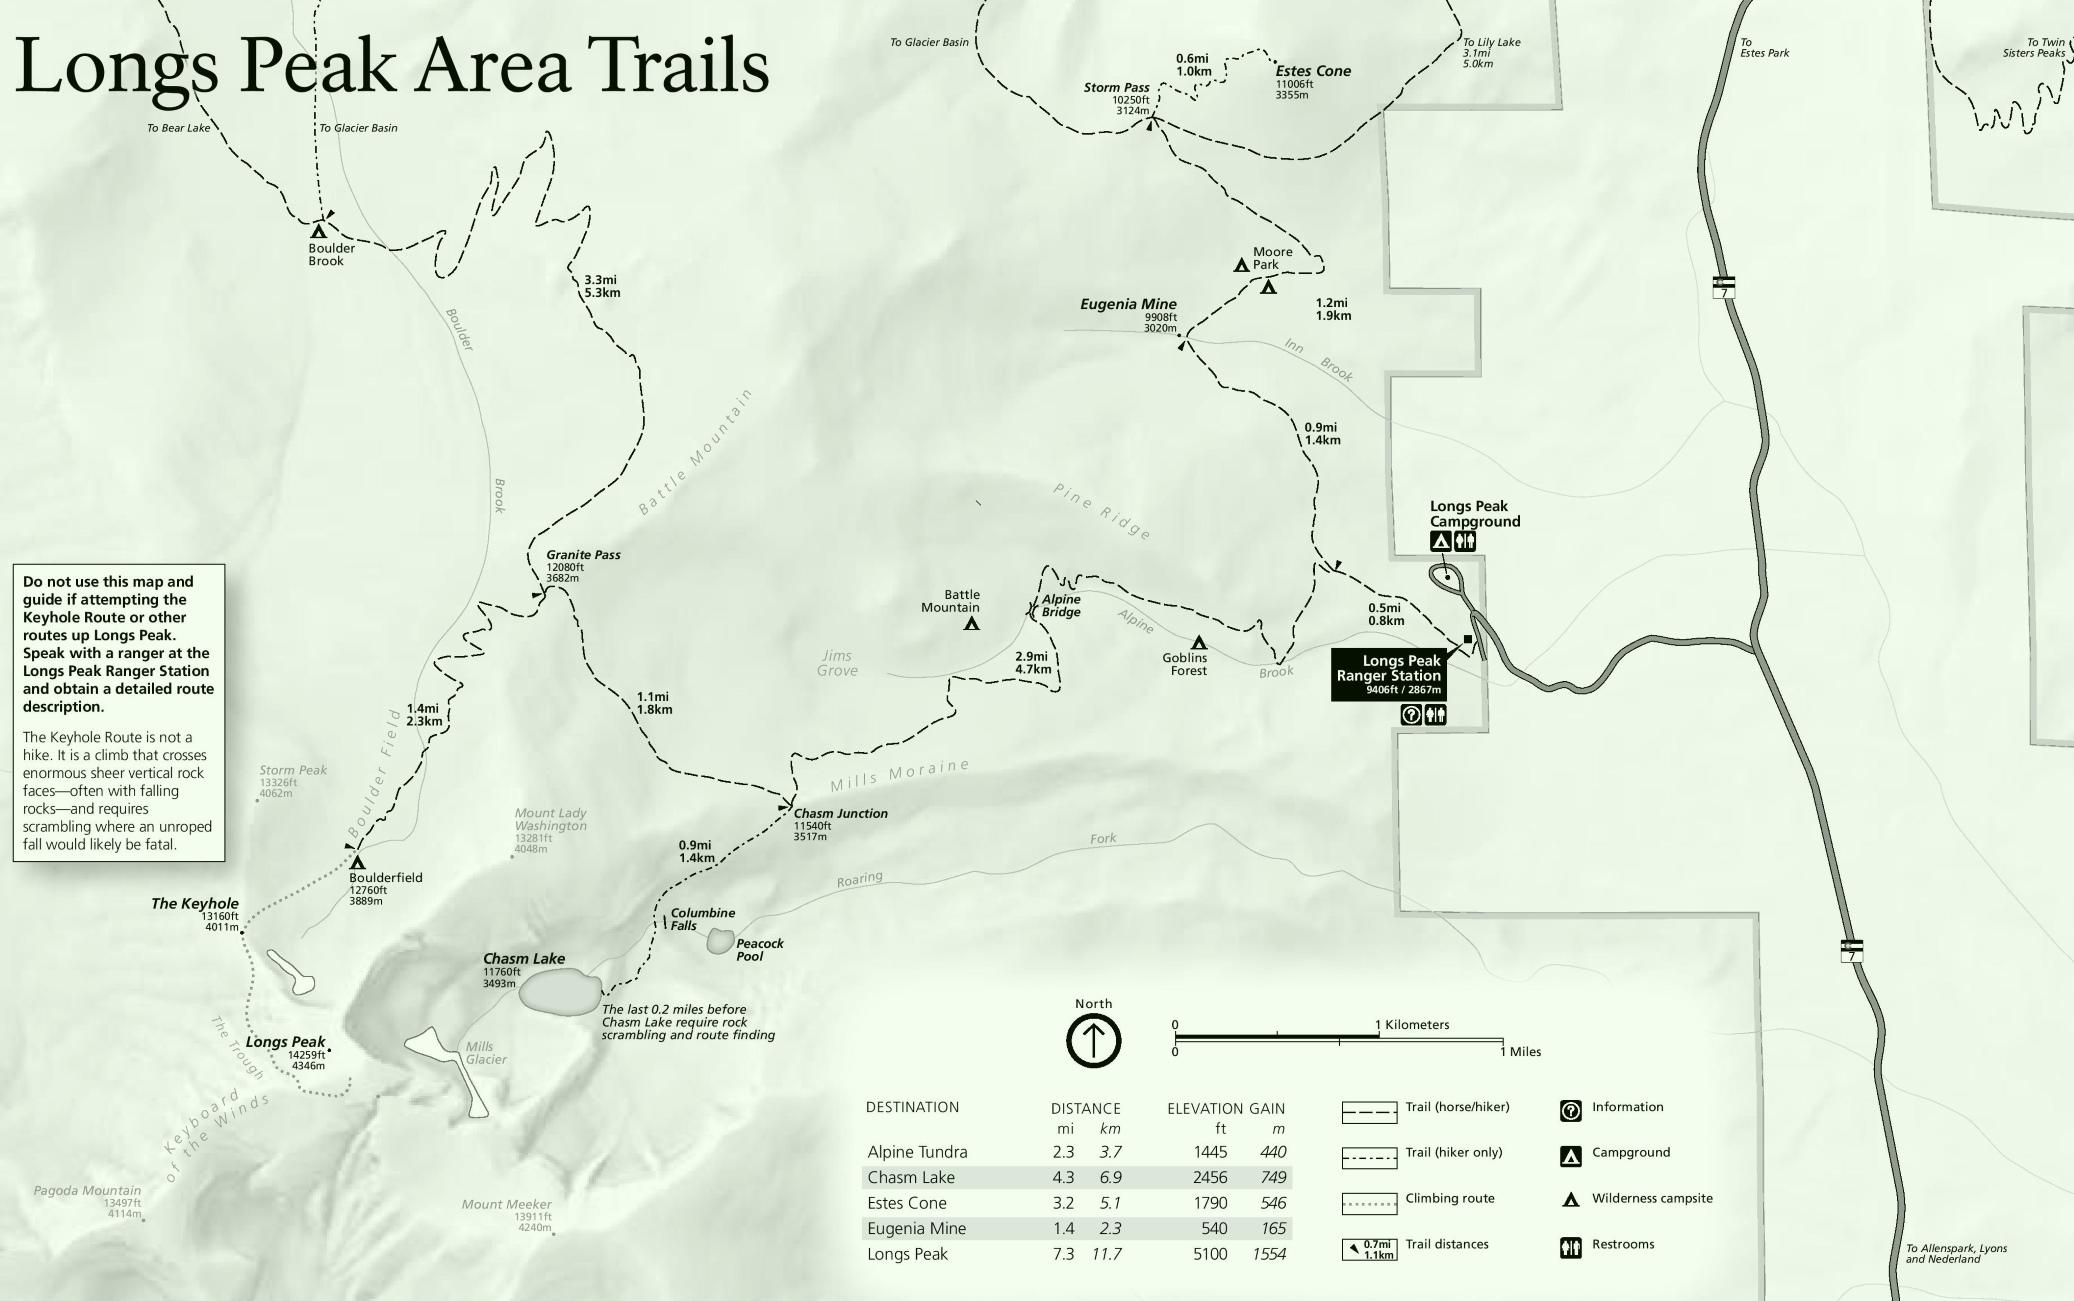 Rocky Mountain Longs Peak Area trails map